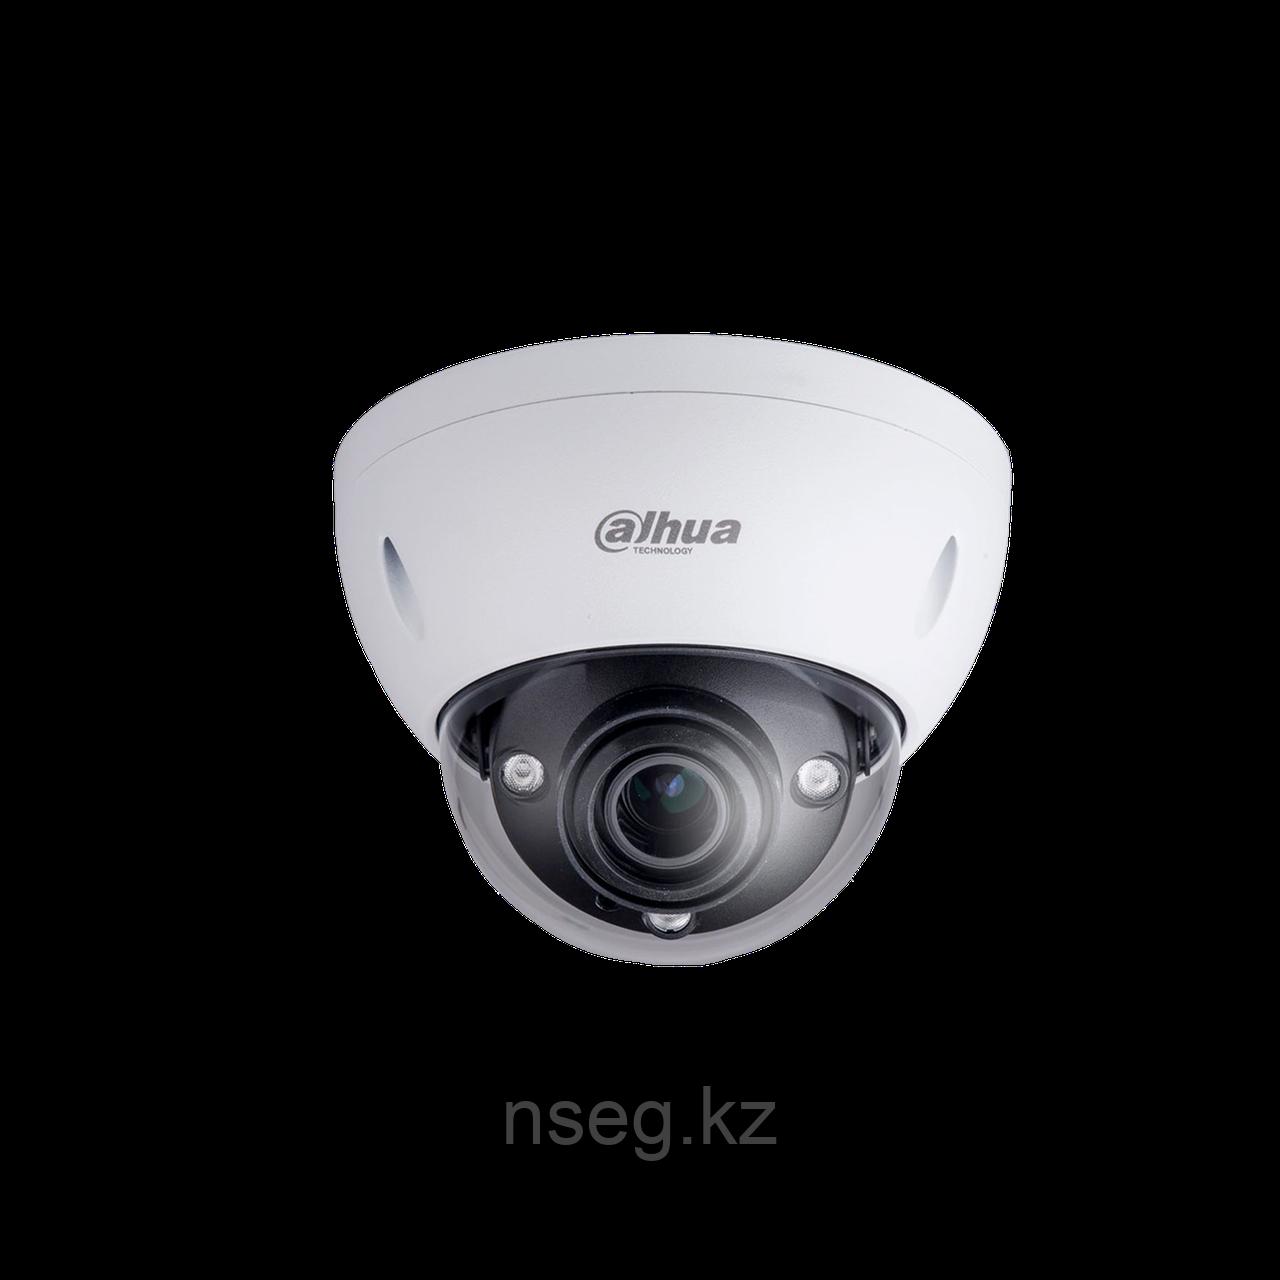 Dahua IPC-HDBW8232E-Z IP камера